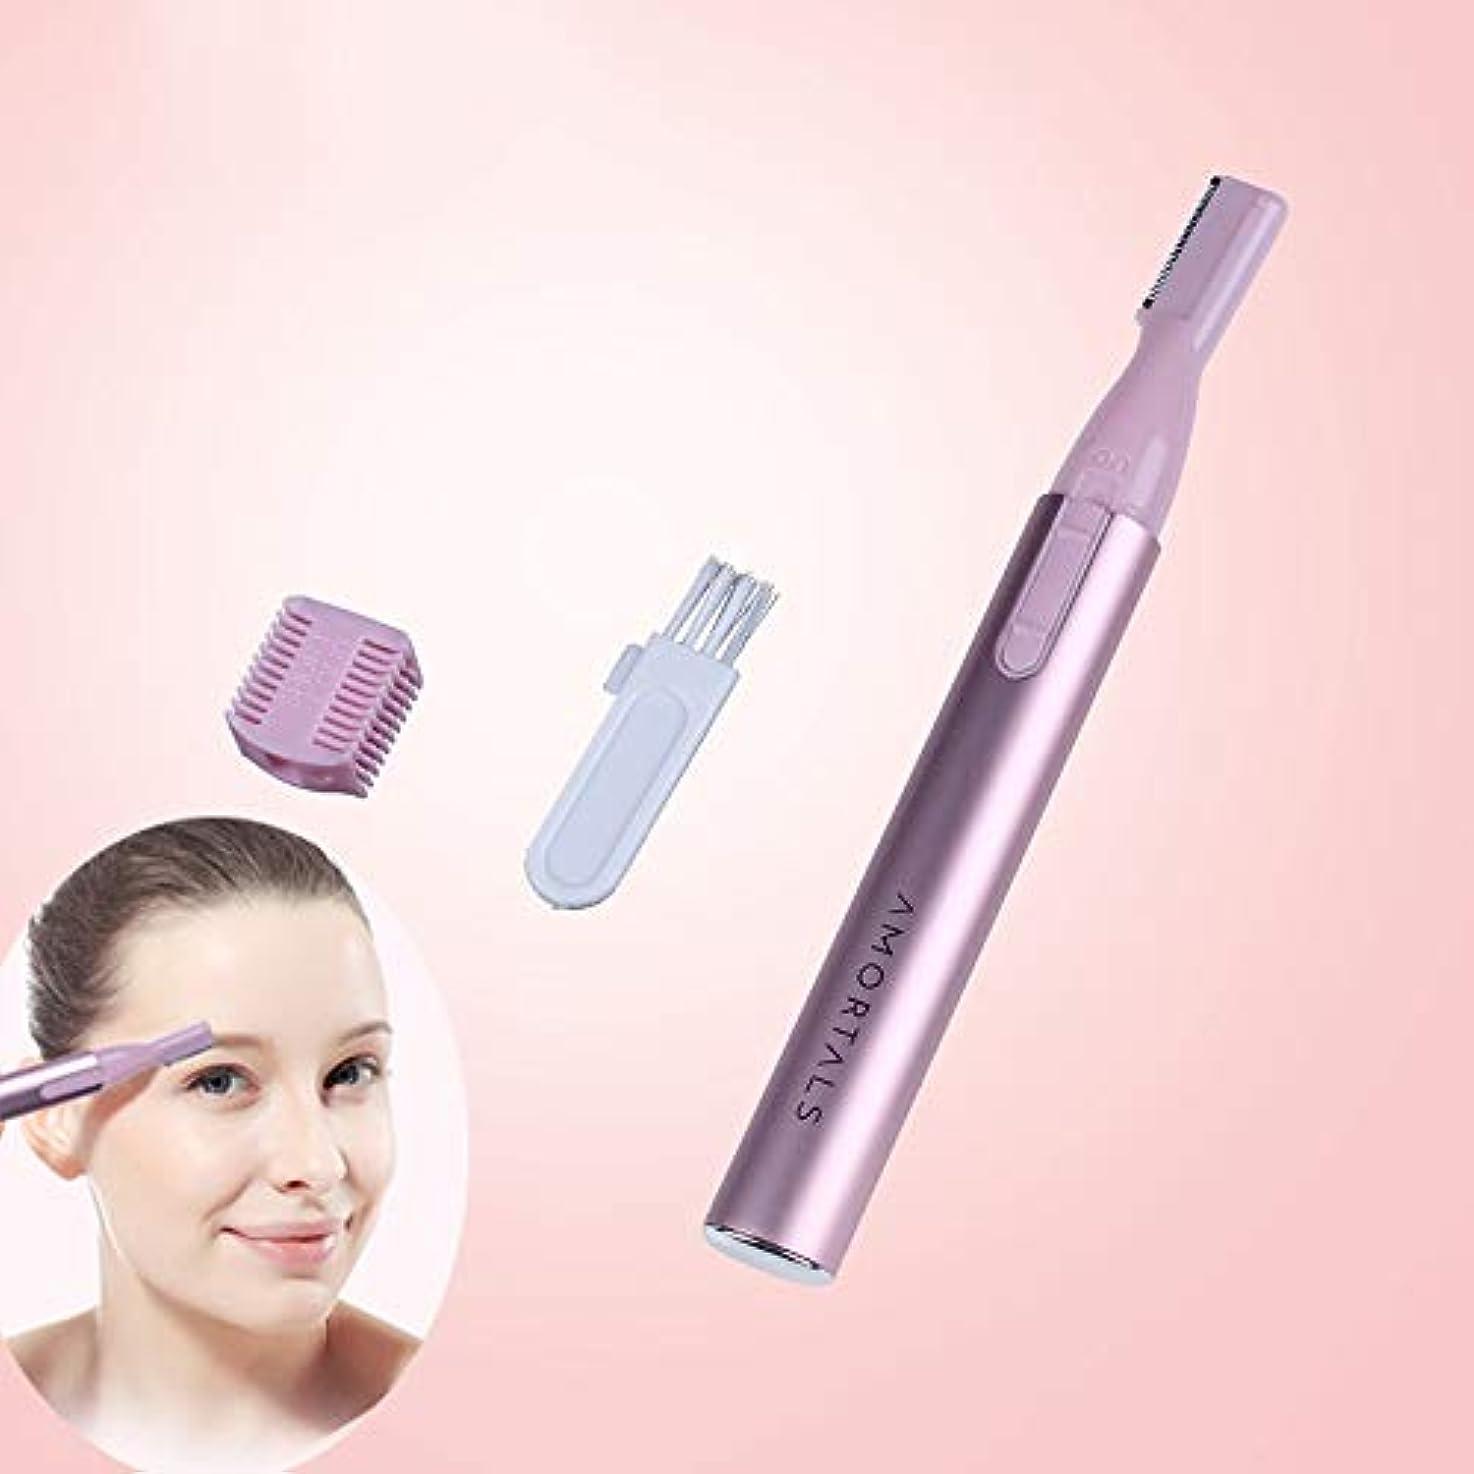 ためらう再撮りアッパー脇の下/足/体/髪の女性の顔のトリマーのための携帯用電動眉毛トリマー、(電池式) (Color : Pink)